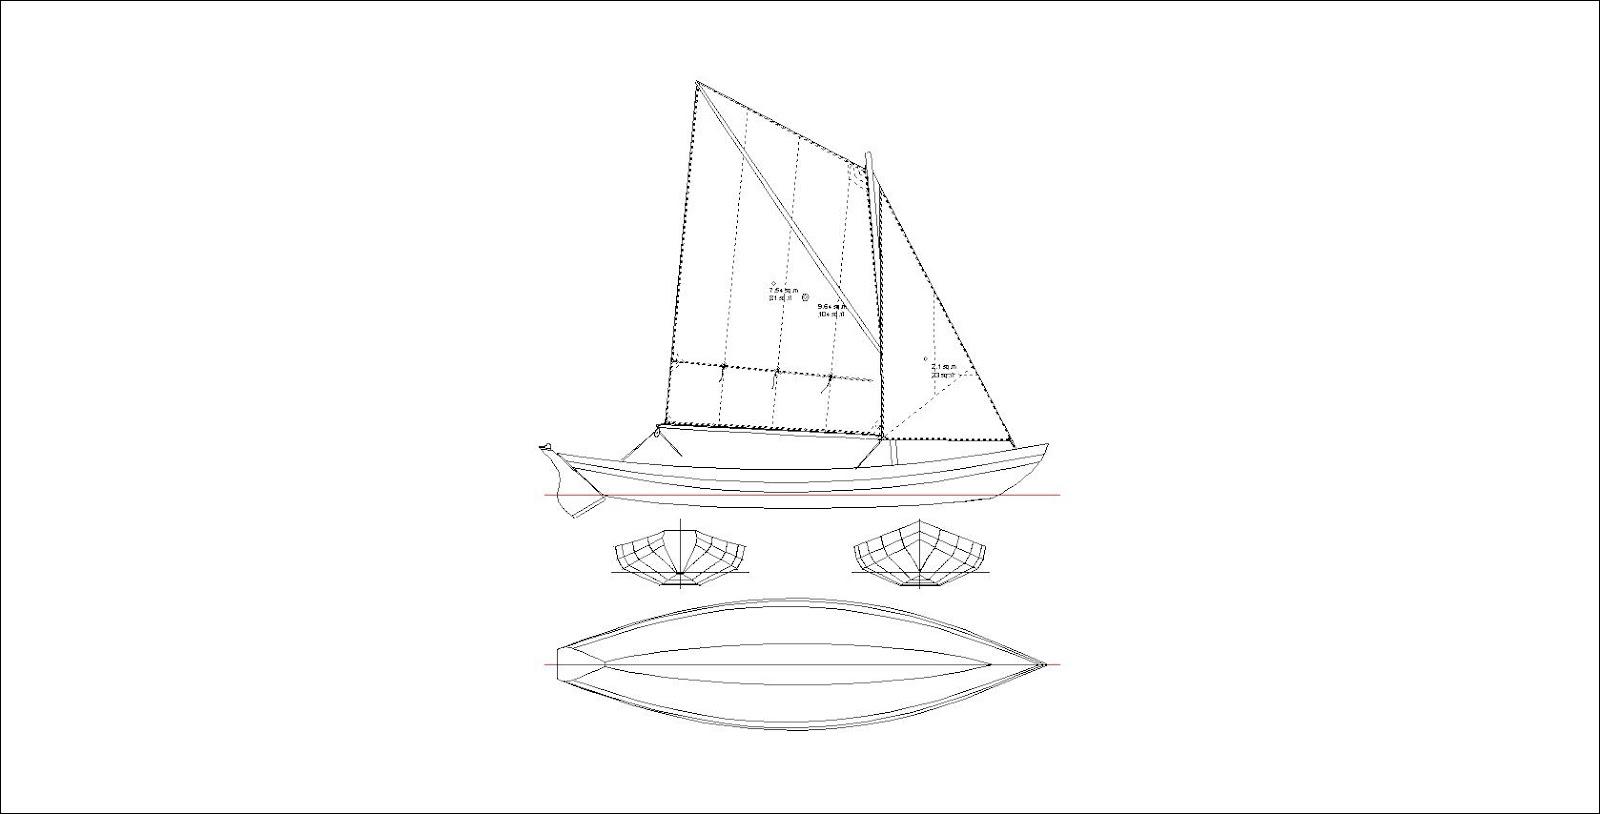 Ross Lillistone Wooden Boats: October 2012